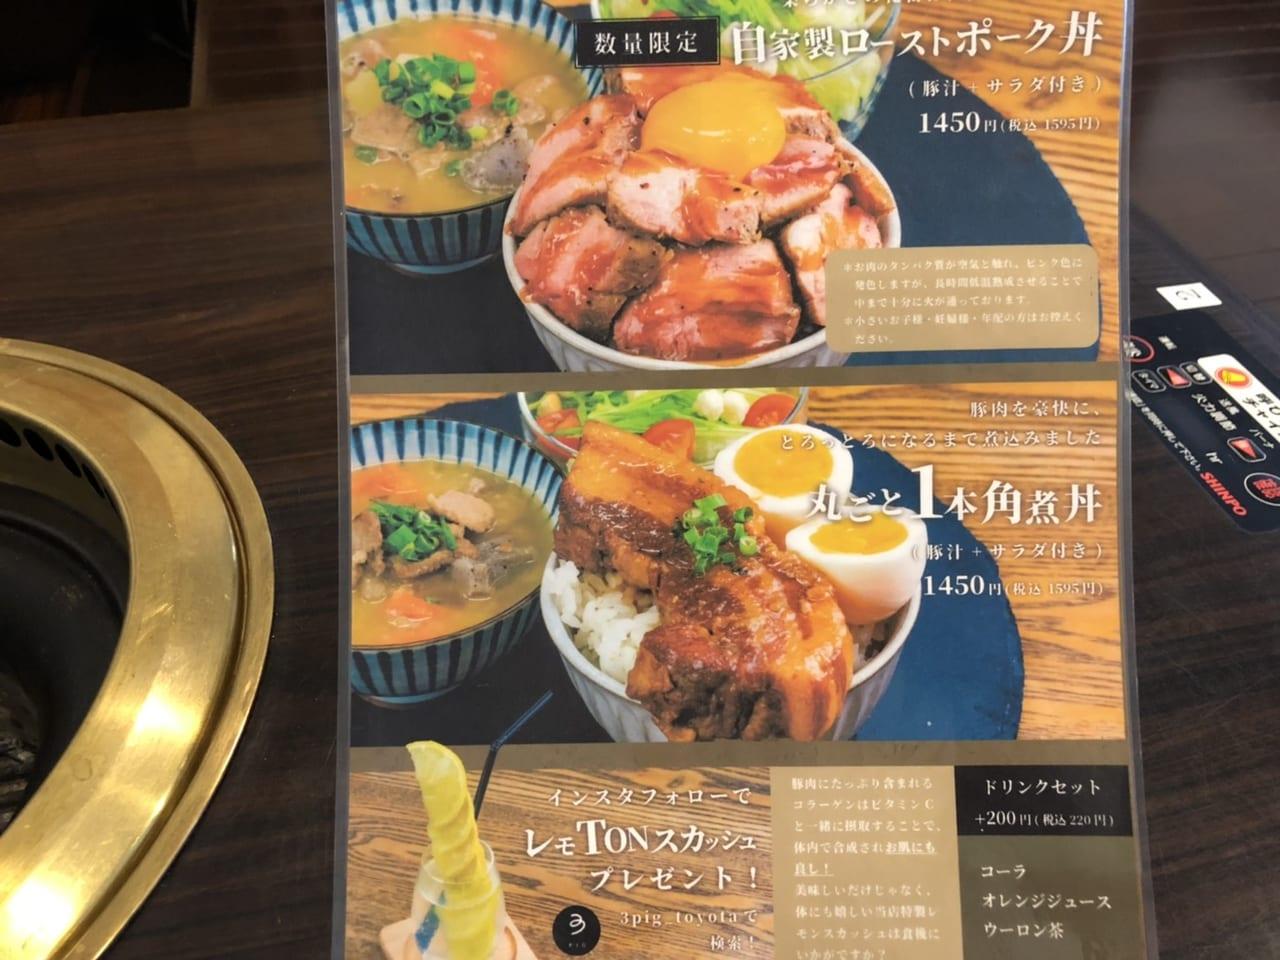 3ピッグ豊田店メニュー